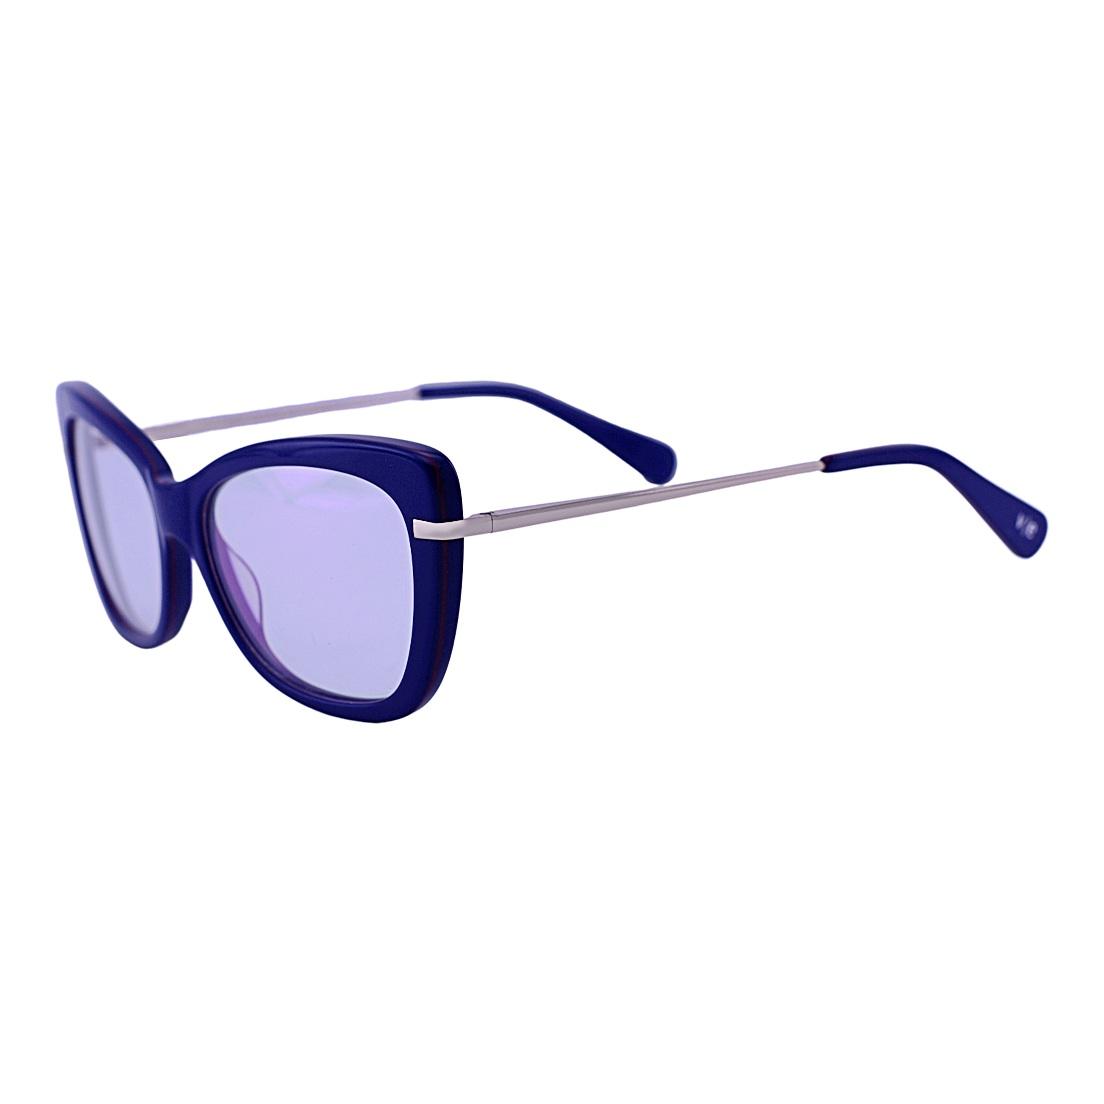 Armação para óculos De Grau Mackage Feminino Retangular Gateado - Azul Marinho